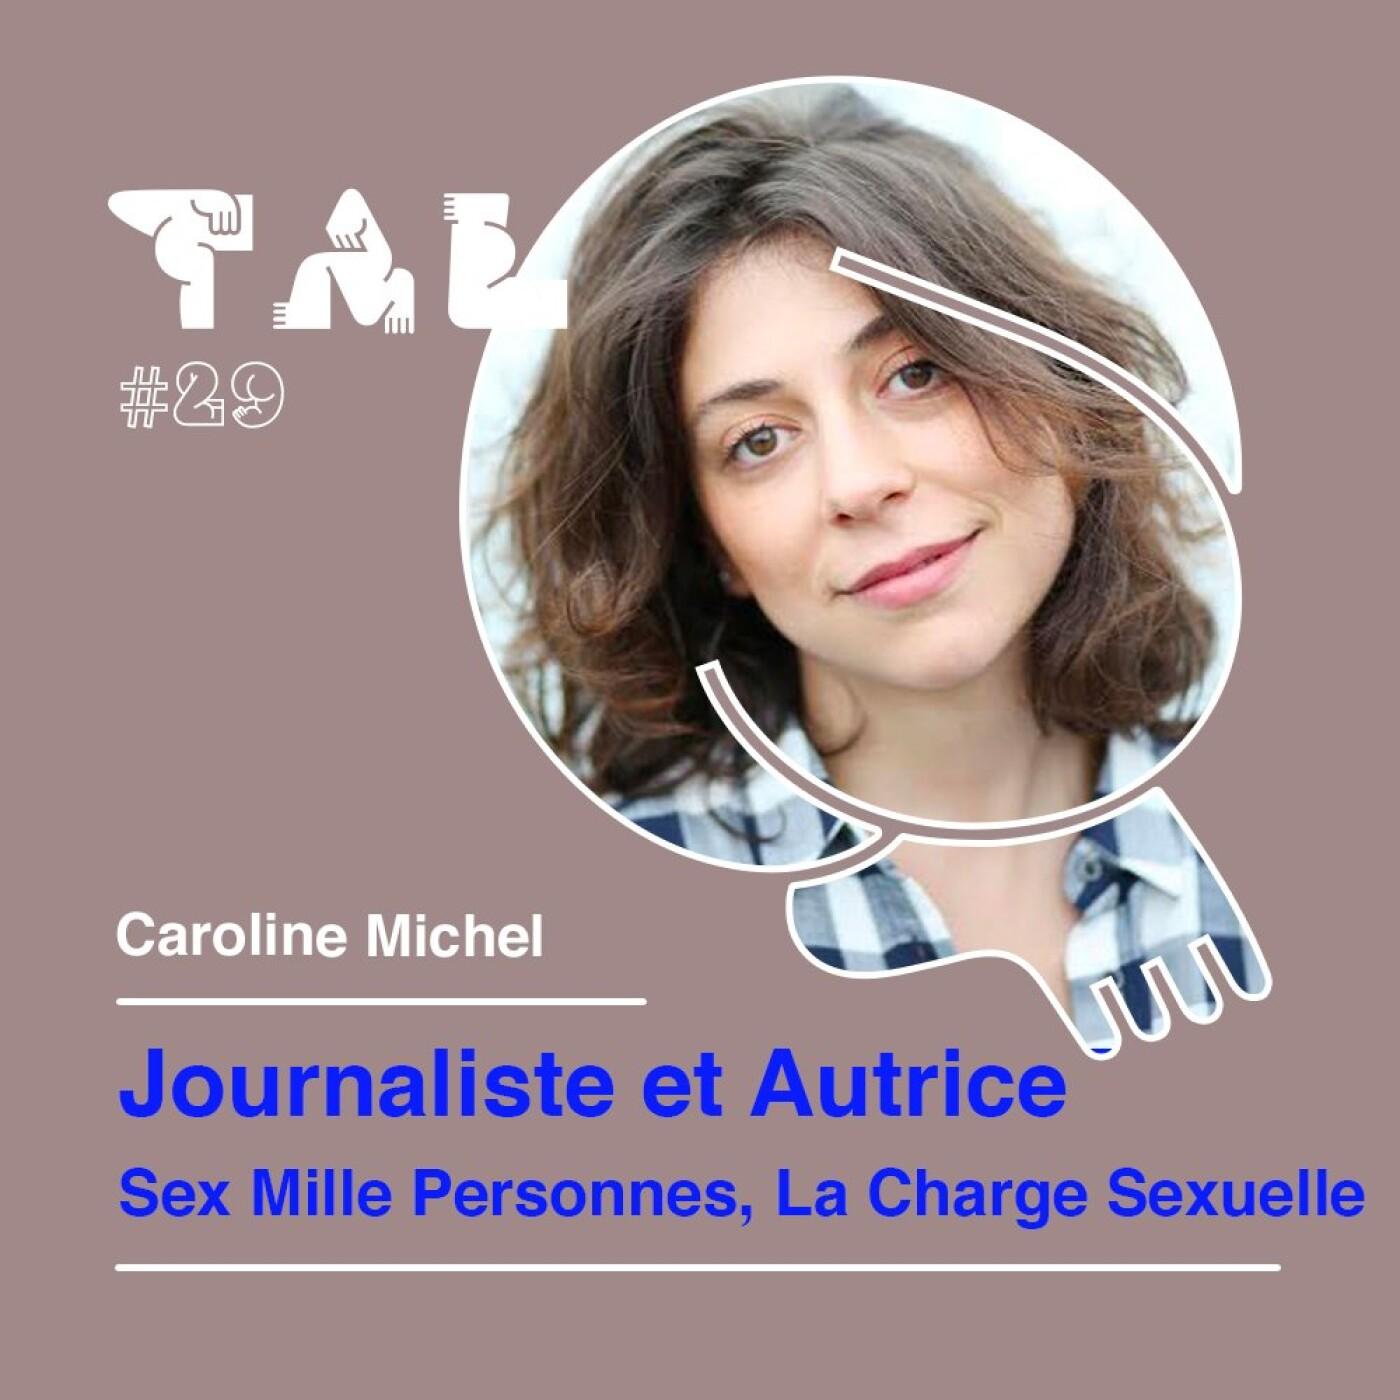 #29 - Caroline Michel : Journaliste et Autrice : Sex Mille Personnes, La Charge Sexuelle et tant d'autres